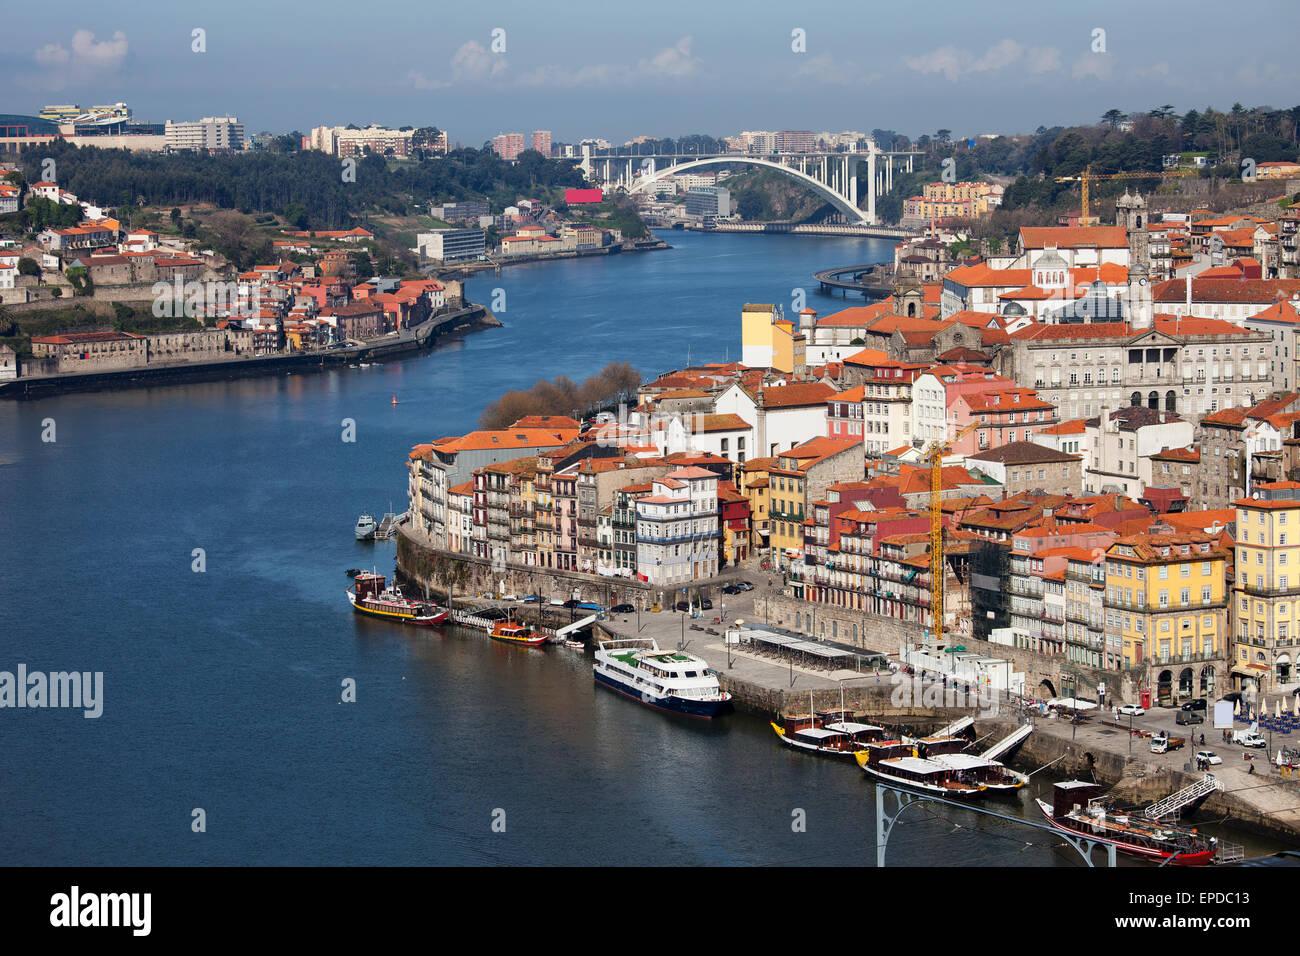 Oporto, Porto, Portugal, historic city centre along river Douro. - Stock Image